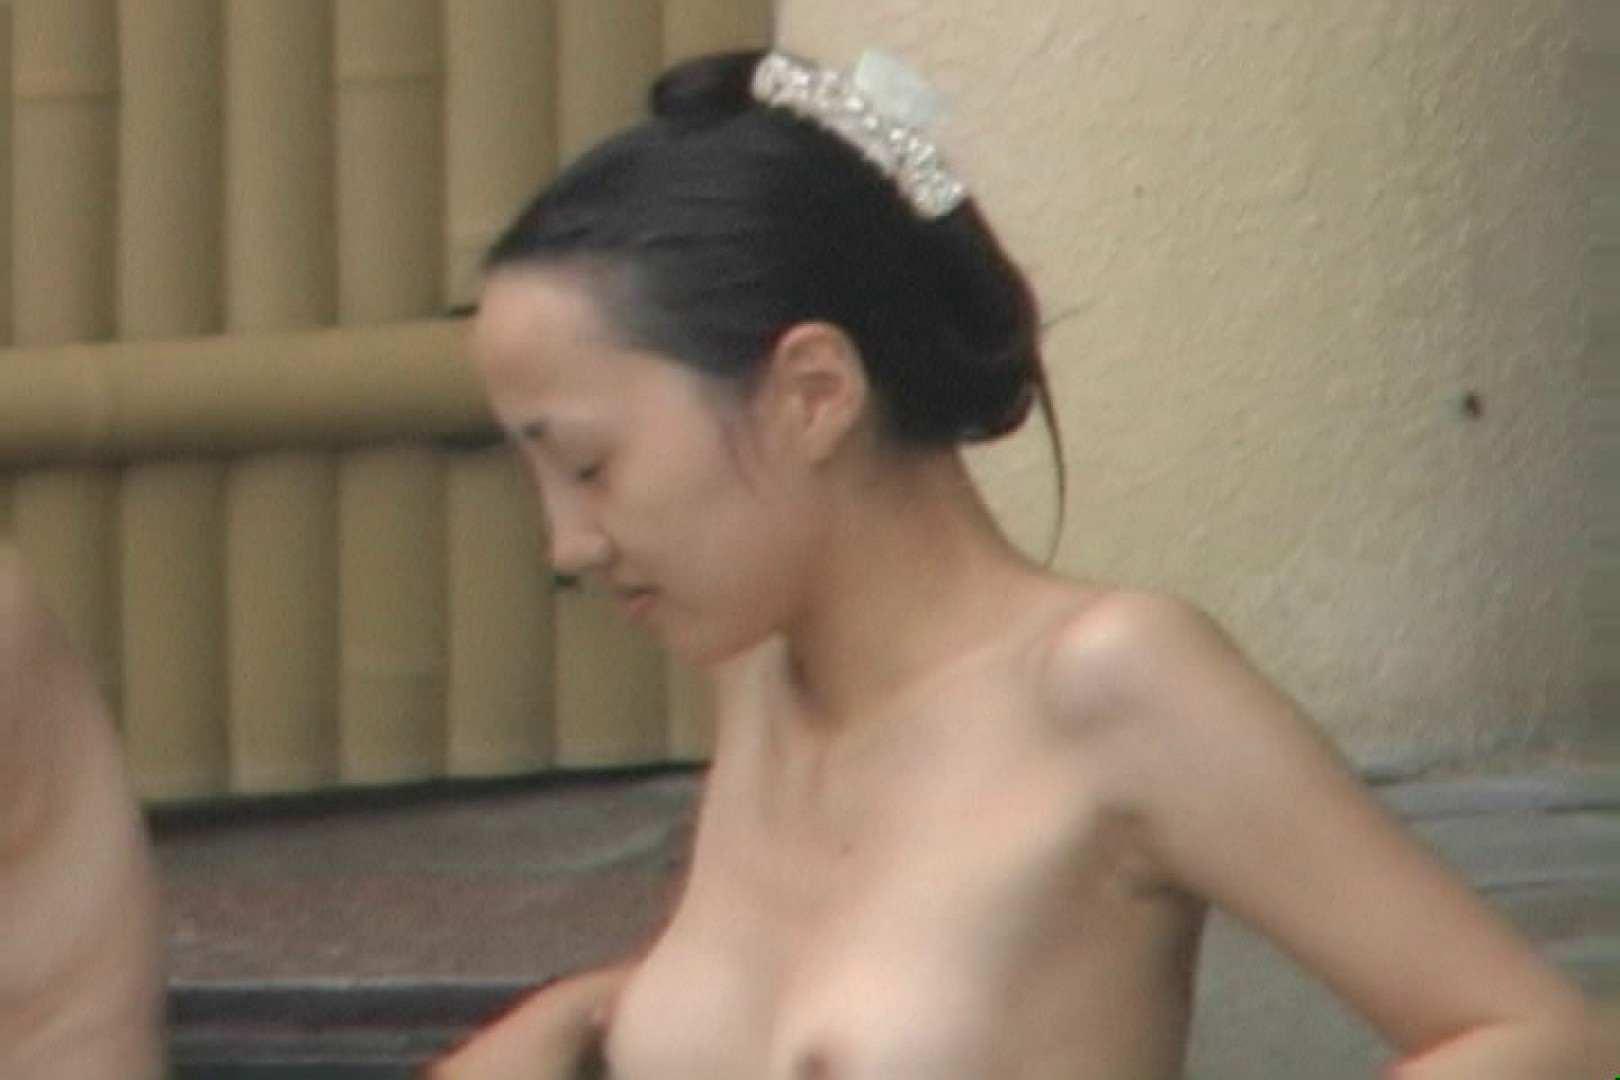 Aquaな露天風呂Vol.41 美しいOLの裸体  107pic 69